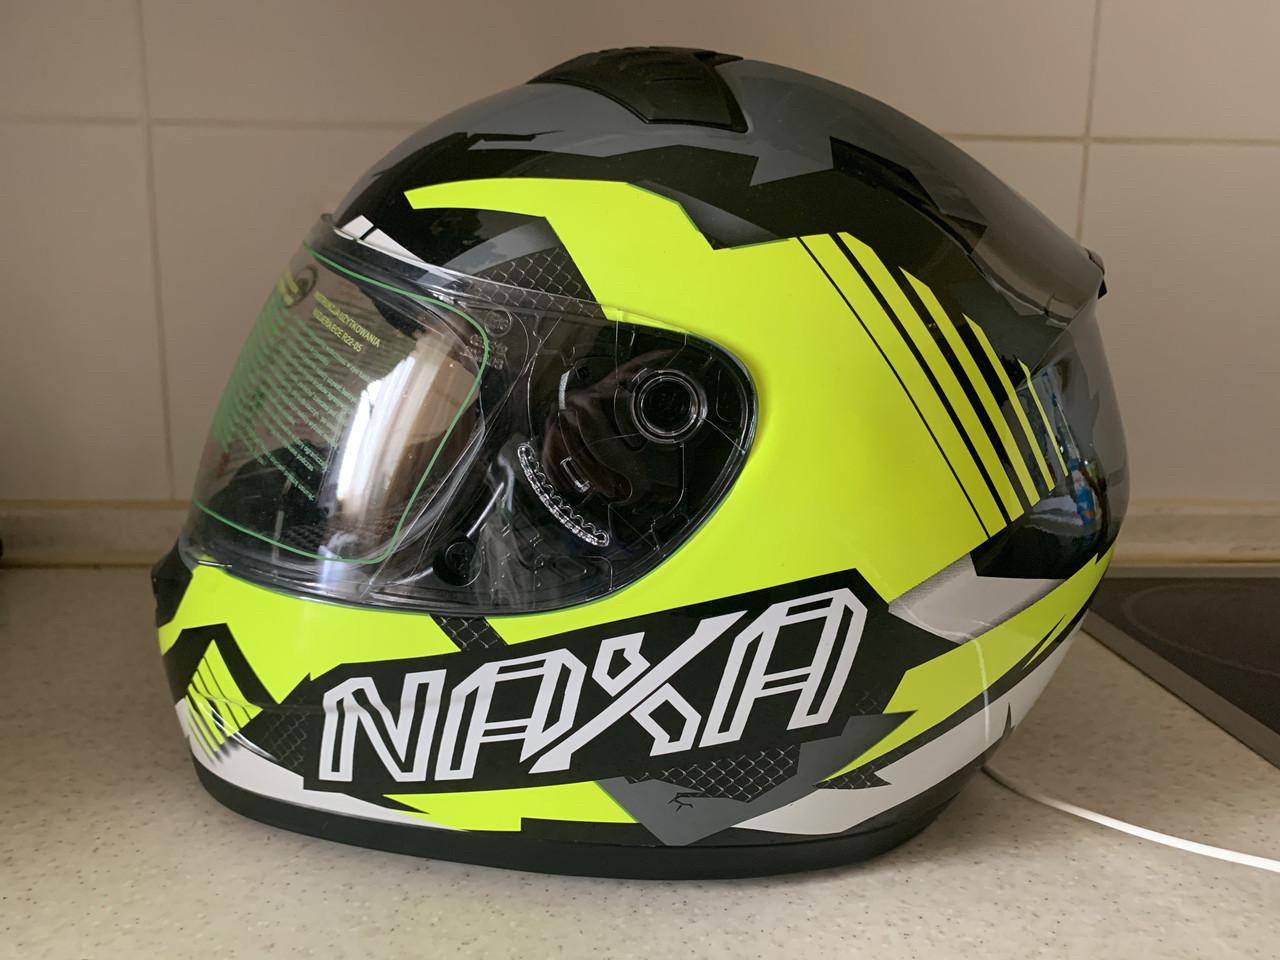 Мото шлем оригинал Европа закрытый Naxa (Польша) сертифицирован